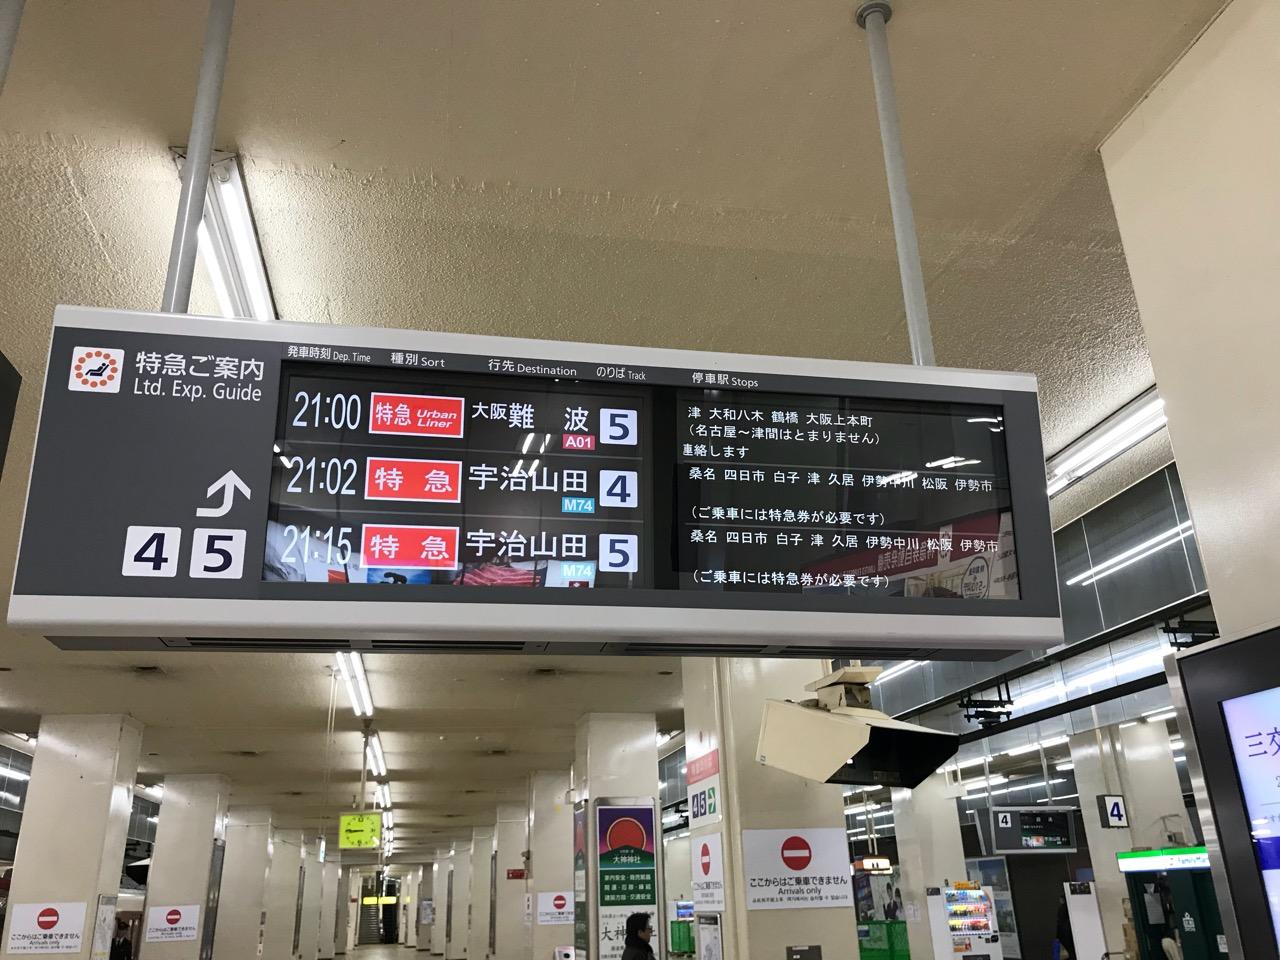 時刻 本町 駅 近鉄 表 上